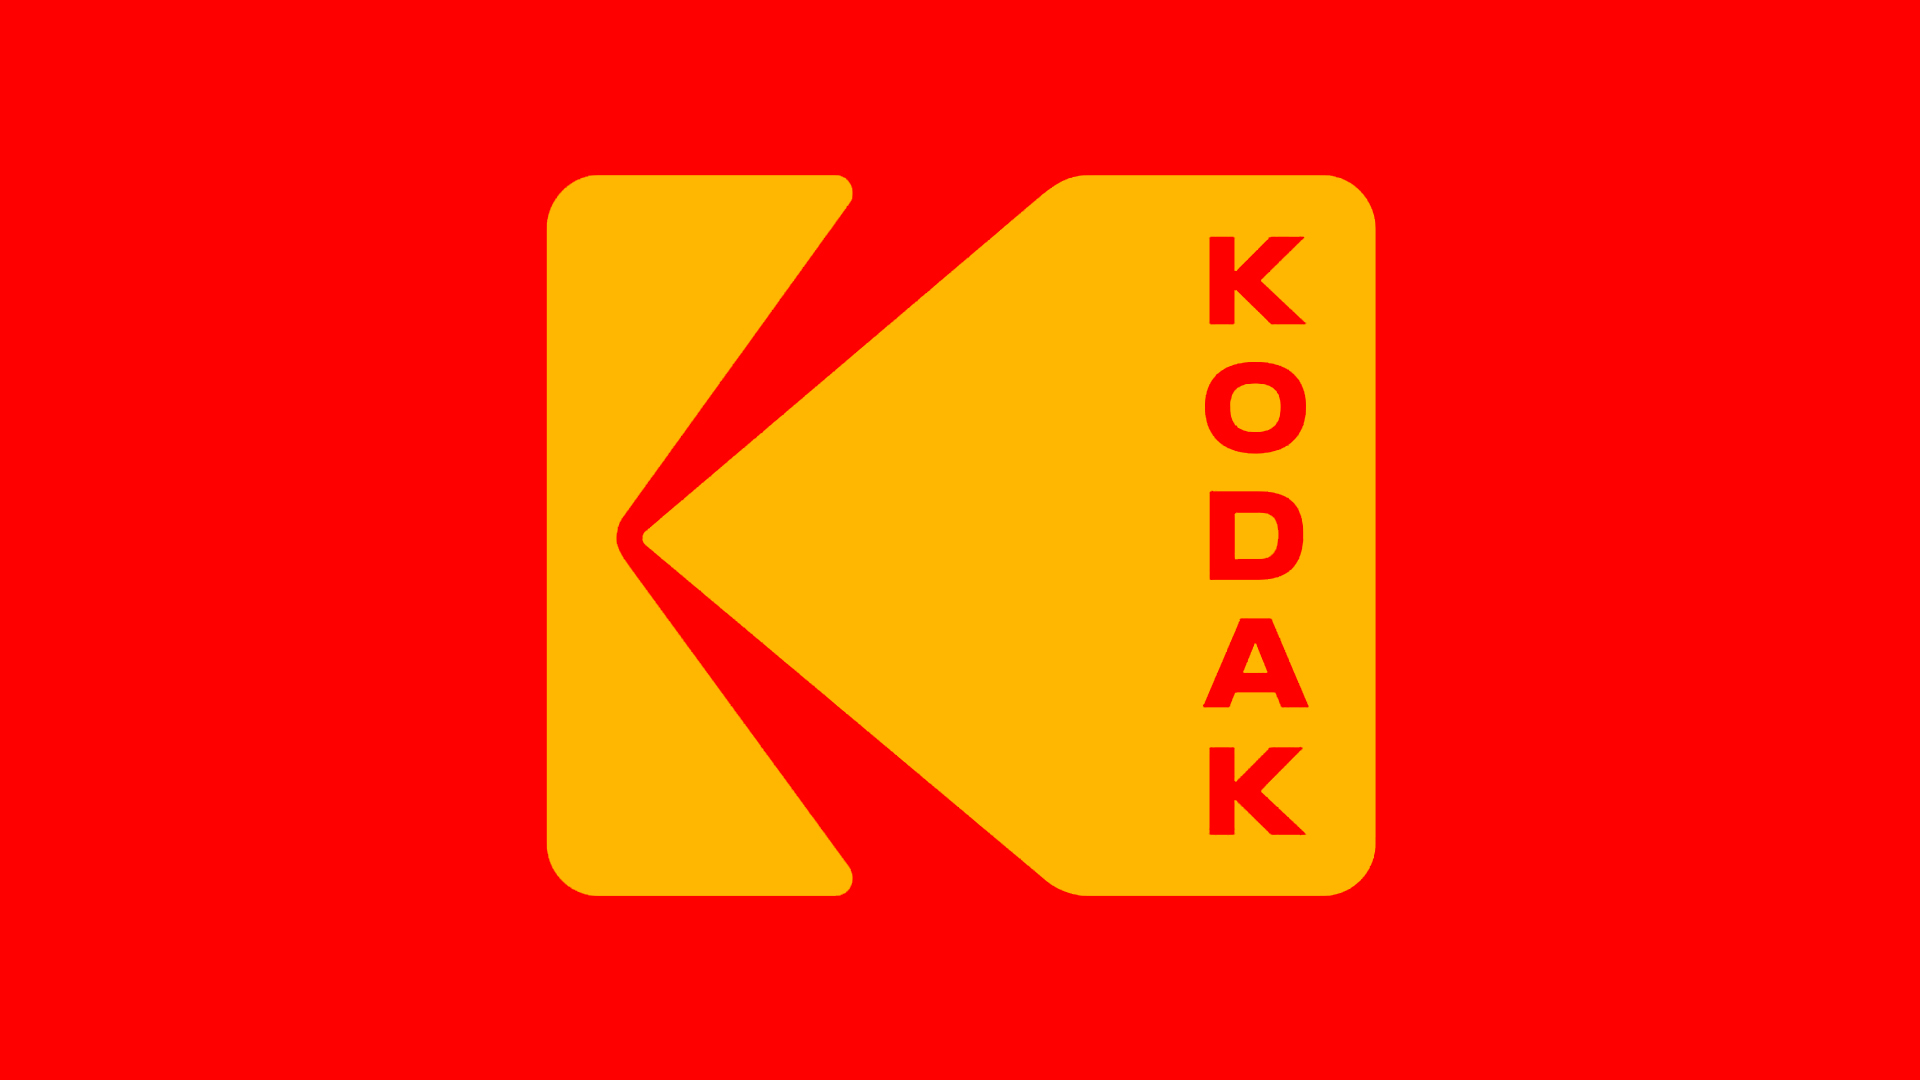 Comment contacter le service après-vente et assistance de Kodak ?